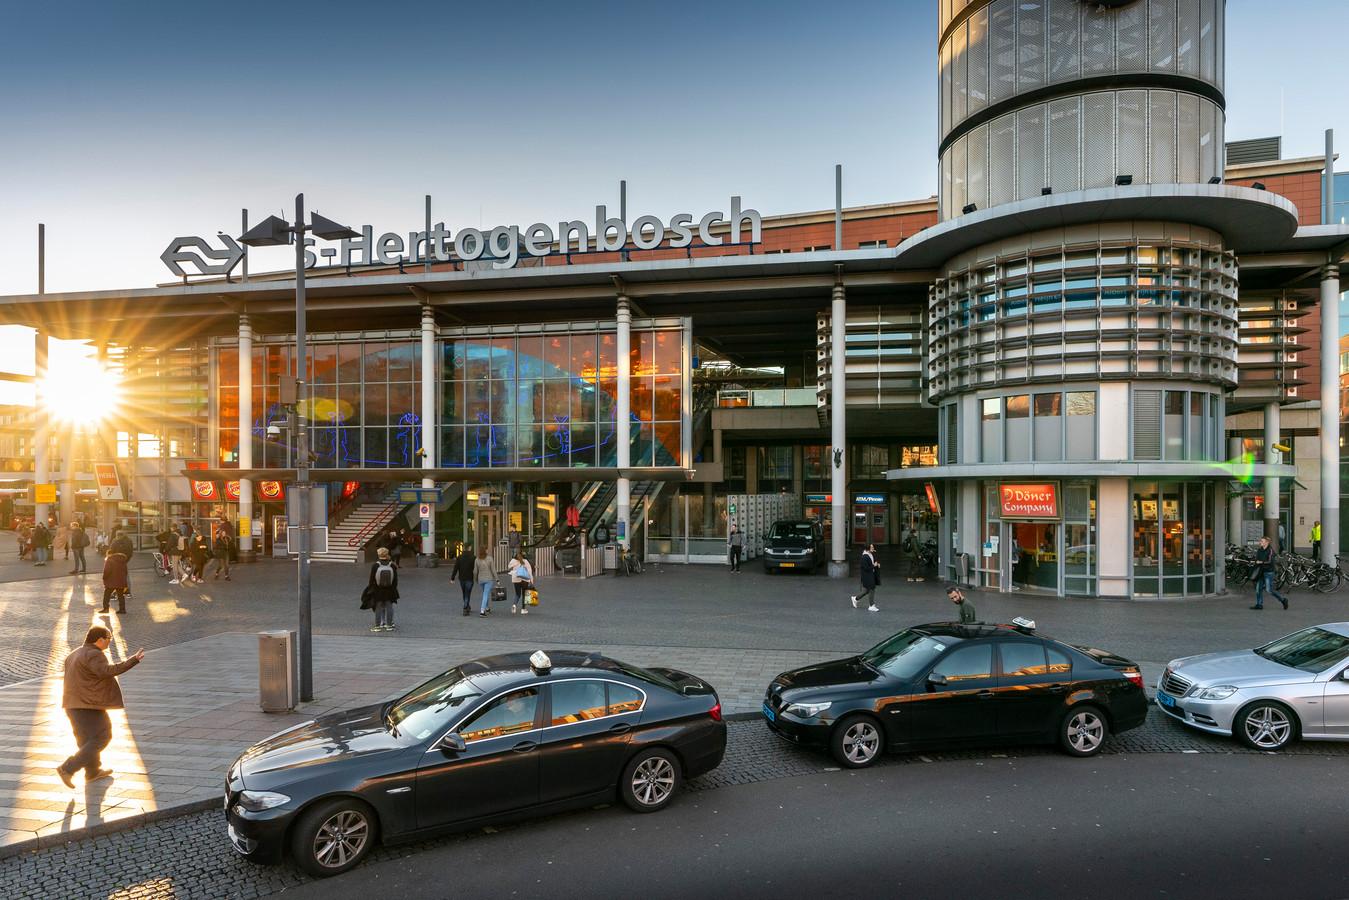 Bij het station in Den Bosch start donderdagmiddag om 14.00 uur een 'begeleide manifestatie' die daar om 16.00 uur zou moeten eindigen.